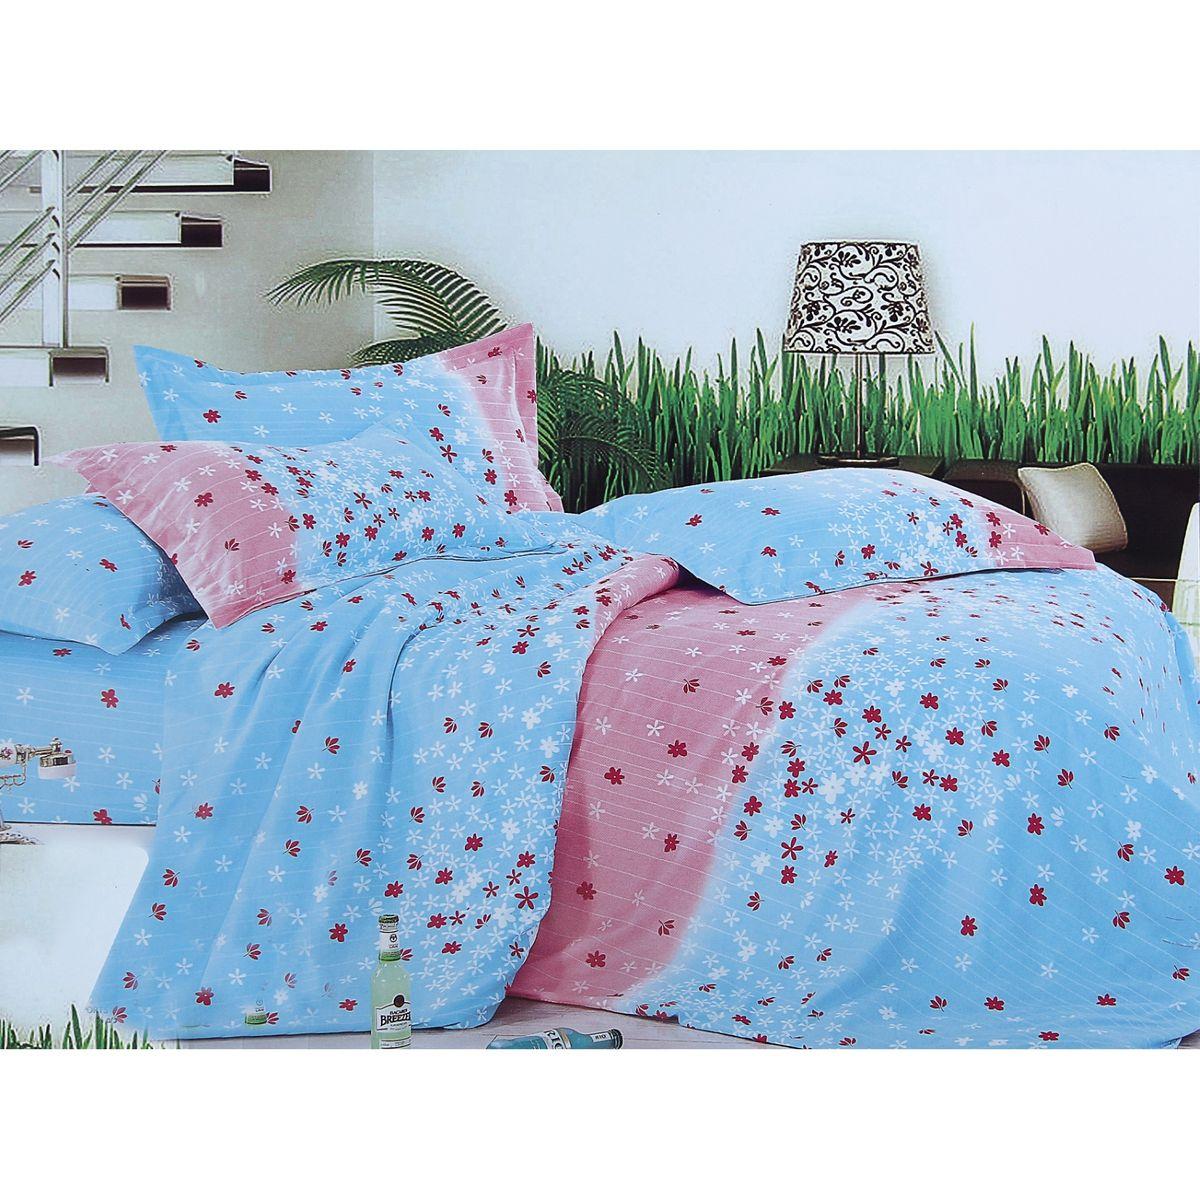 Комплект белья Этель Нежность, семейный, наволочки 70x70, цвет: голубой, розовый825001Комплект постельного белья Этель Нежность состоит из двух пододеяльников на молнии, простыни и двух наволочек без ушек. Удивительной красоты цветочный рисунок сочетает в себе нежность и теплоту. Постельное белье Этель создано для романтичных натур, которые любят изысканный дизайн. Белье изготовлено из поликоттона, отвечающего всем необходимым нормативным стандартам. Поликоттон - это ткань из экологически чистых материалов (50% хлопка, 50% полиэстера). Неоспоримым плюсом белья из такой ткани является мягкость и легкость, оно прекрасно пропускает воздух, приятно на ощупь, не образует катышков на поверхности и за ним легко ухаживать. При соблюдении рекомендаций по уходу это белье выдерживает много стирок, не линяет и не теряет свою первоначальную прочность. Уникальная ткань обеспечивает легкую глажку. Приобретая комплект постельного белья Этель Нежность, вы можете быть уверены в том, что покупка доставит вам и вашим близким удовольствие и подарит максимальный...